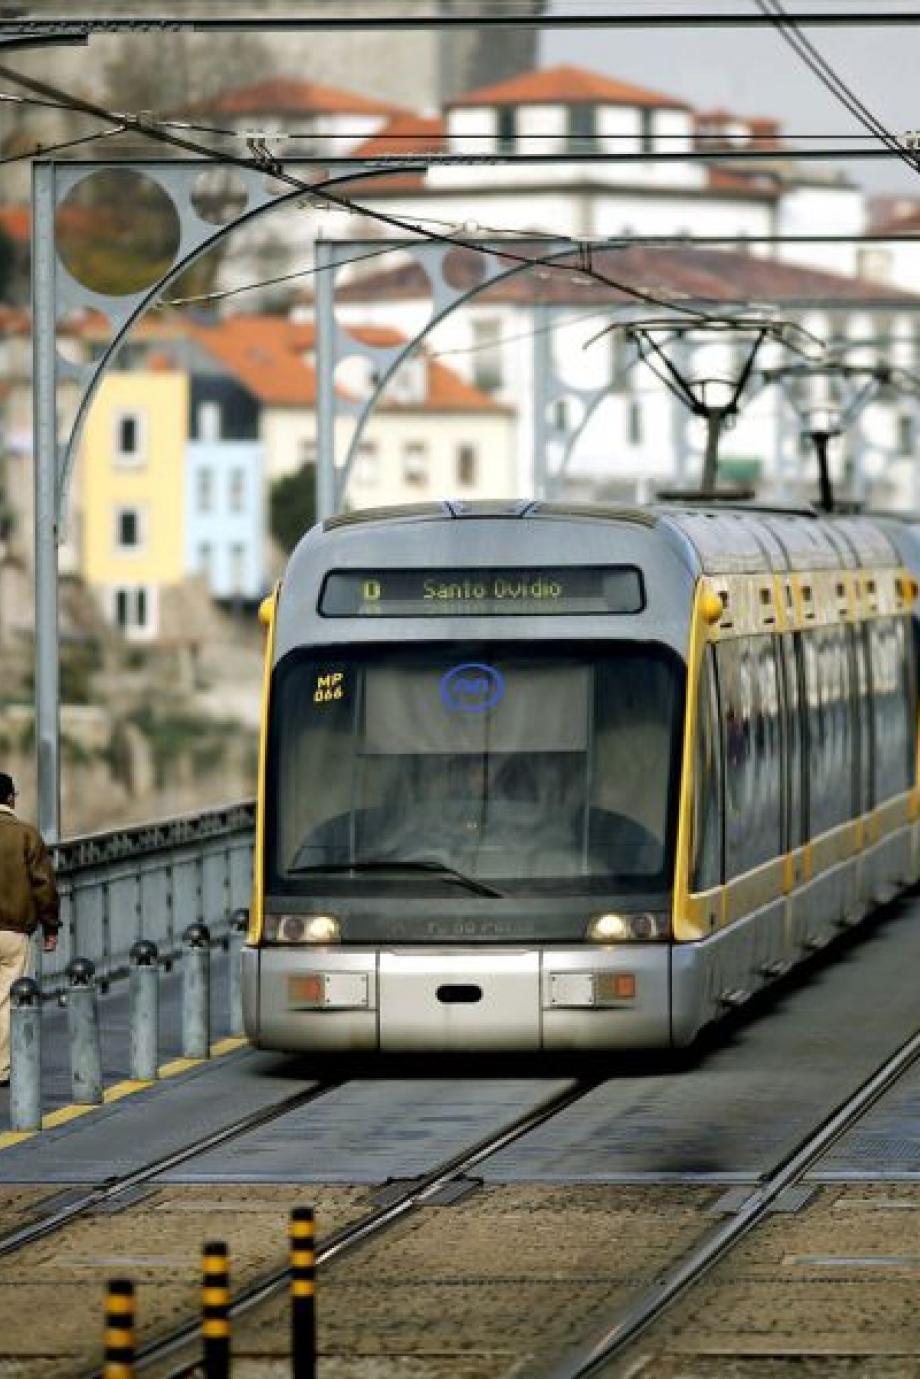 PortoCool_Blog_Serviço_de_24h_no_Metro_do_Porto